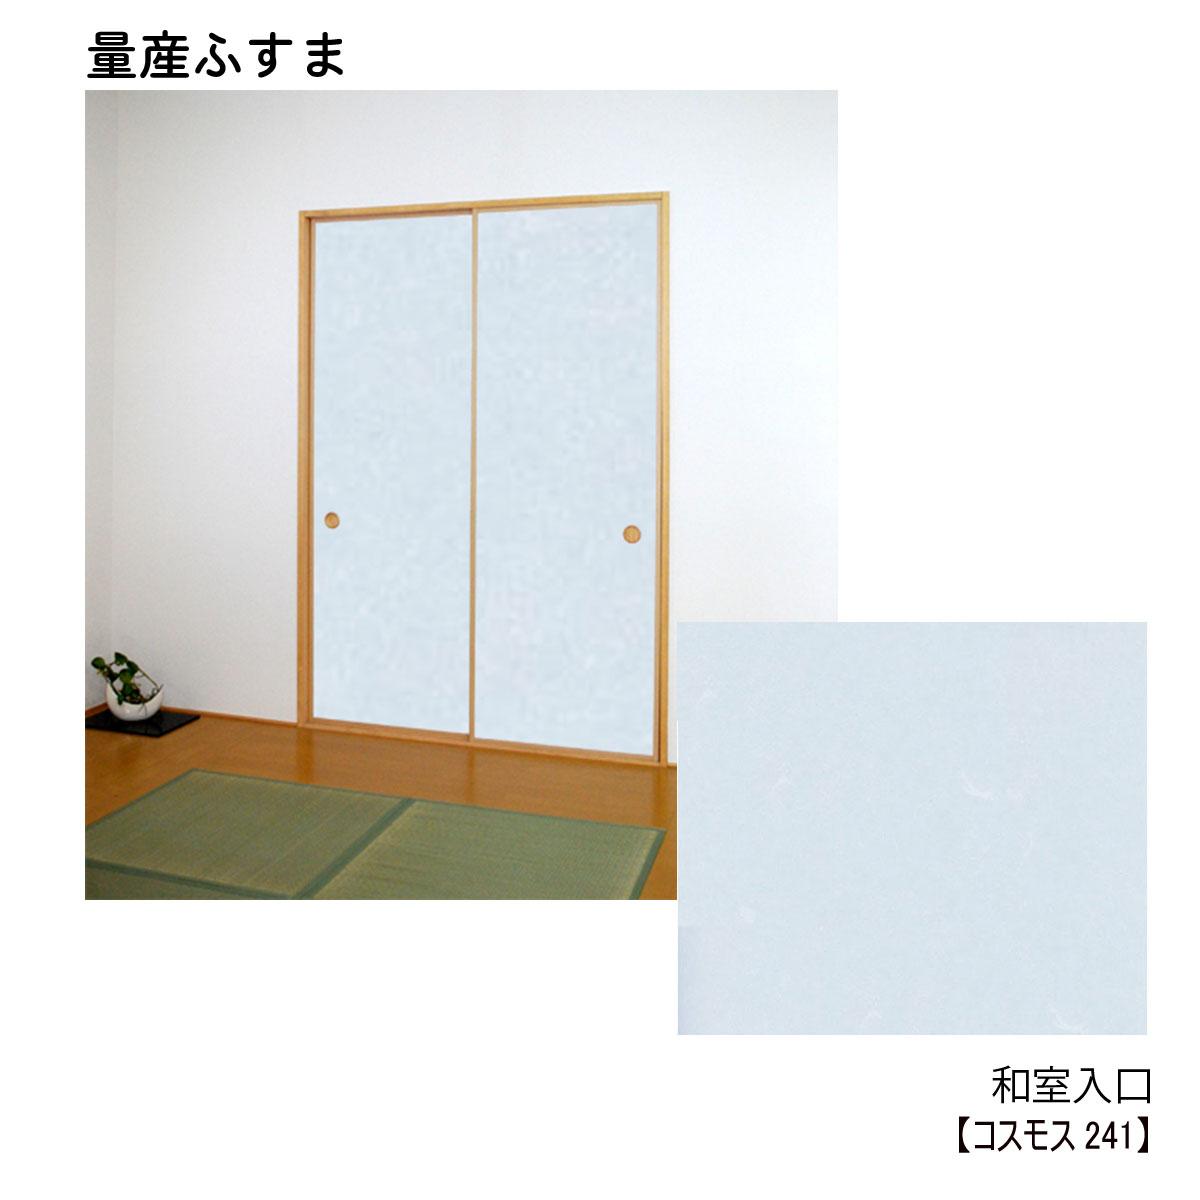 【量産襖】和室入口ふすま【コスモス241】【L】(仕上H1911~2100mm・W920mm迄)※1枚の価格